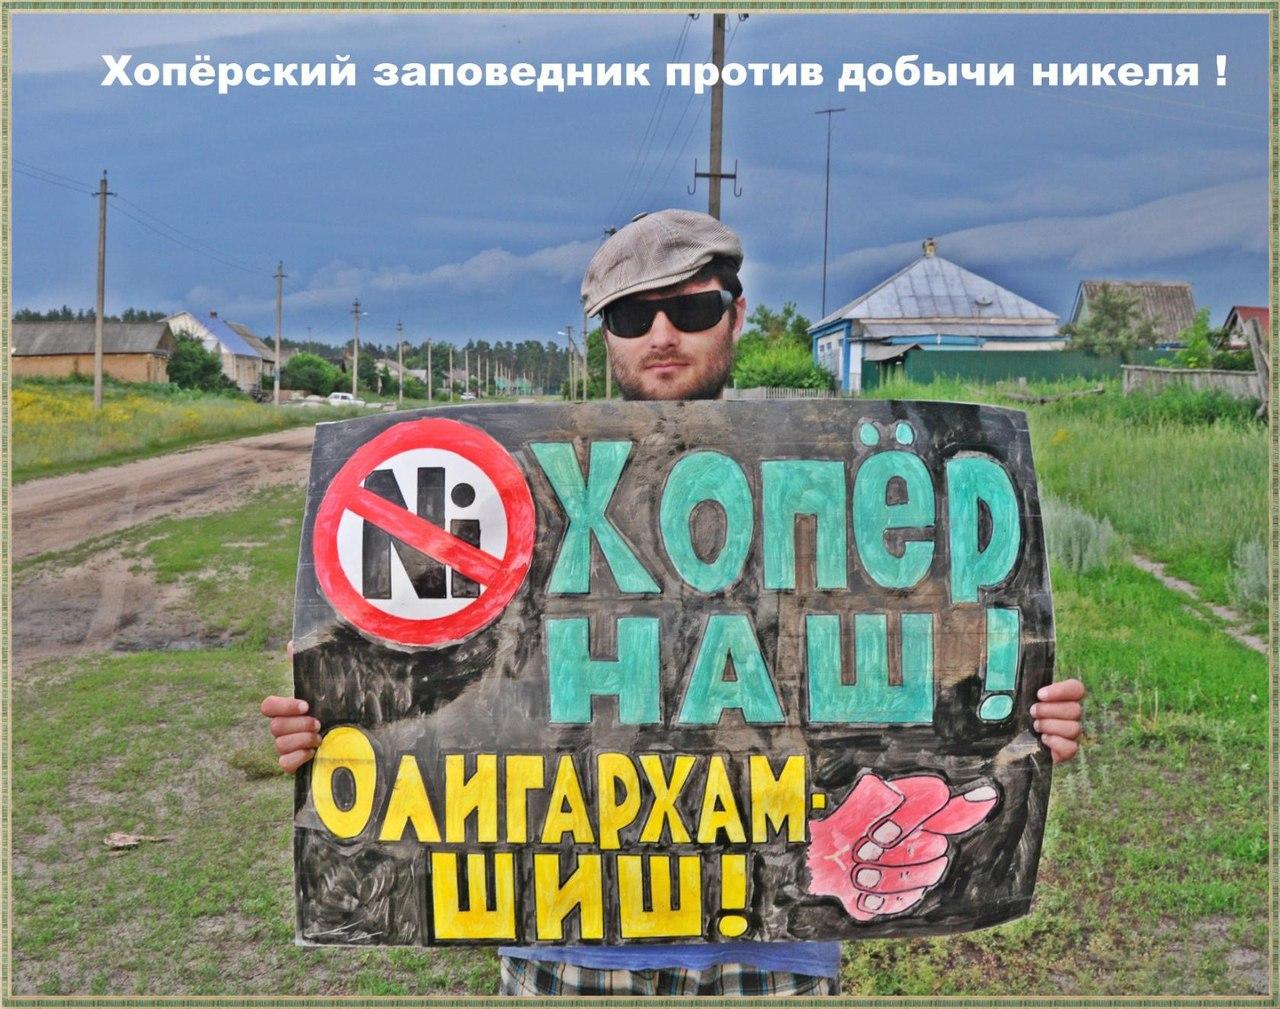 Хопёрский заповедник против добычи никеля - Воронеж новости